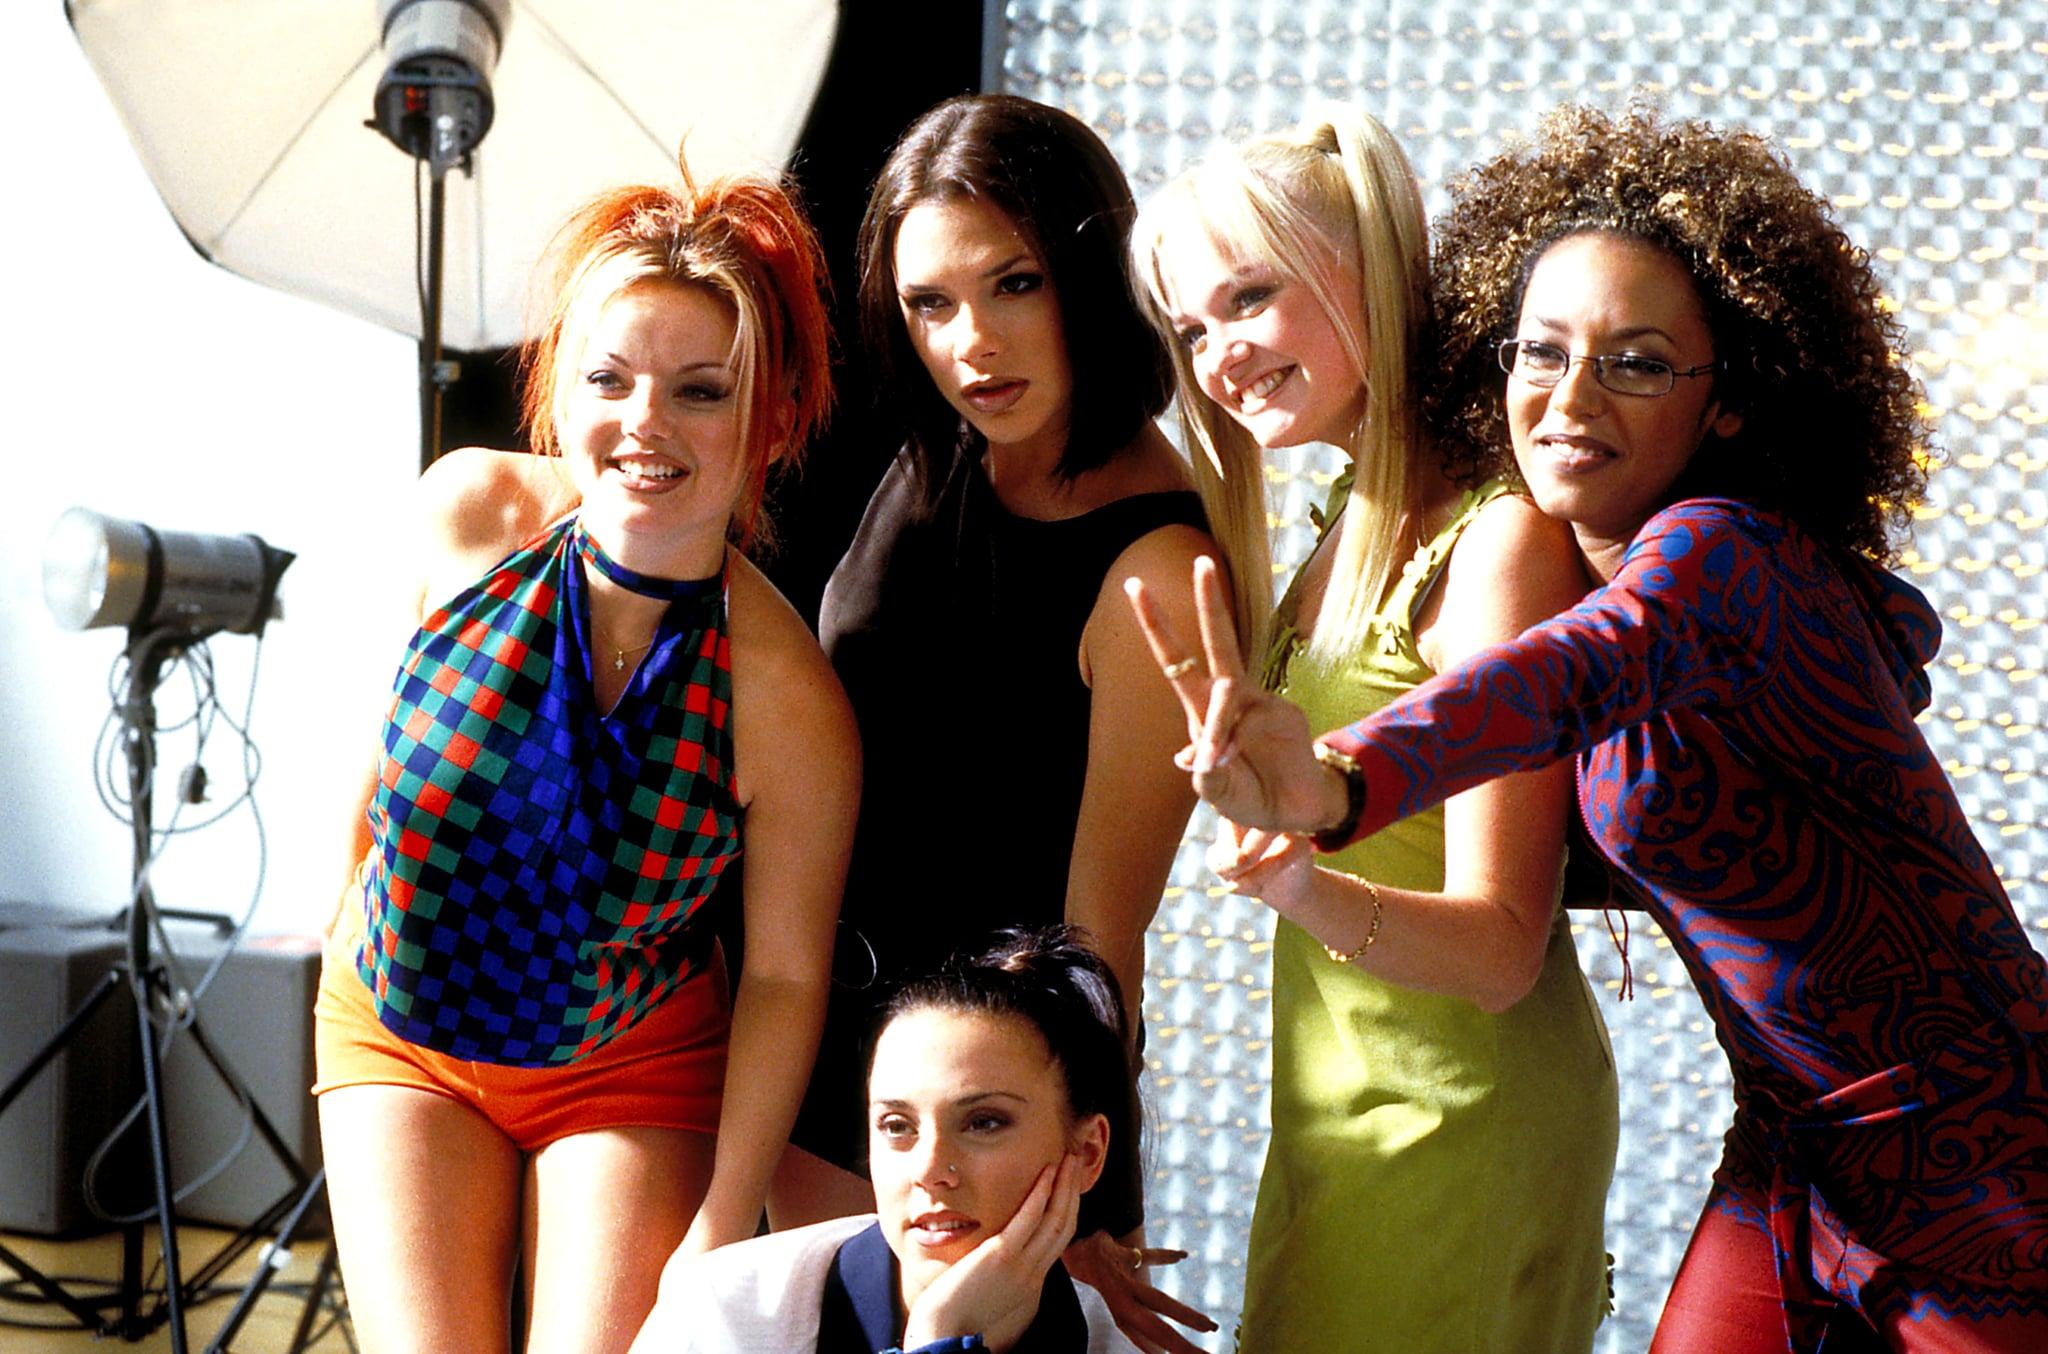 SPICE WORLD, Gerri Halliwell, Victoria Beckham, Emma Bunton, Melanie Brown, Melanie Chisholm,1997,(c) Columbia/courtesy Everett Collection